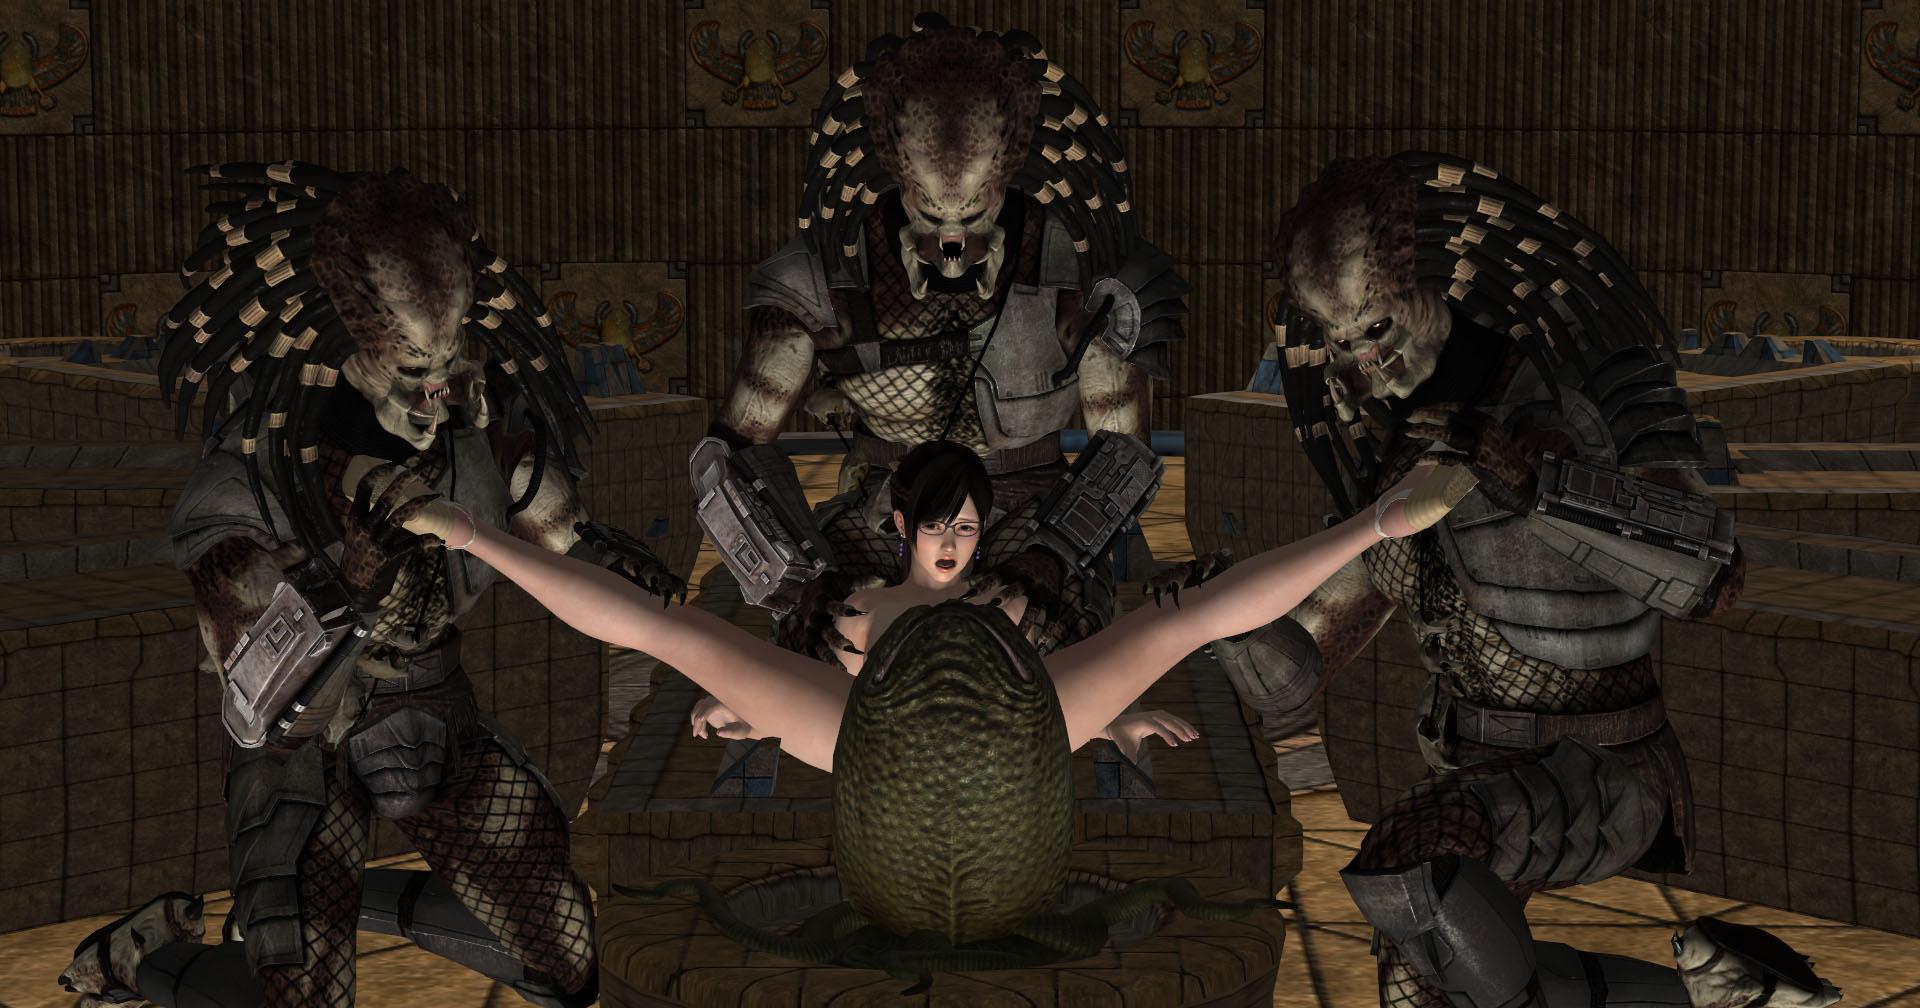 kokoro_sacrificed_to_hugger_by_bitemonsters-dbhgn3k.jpg